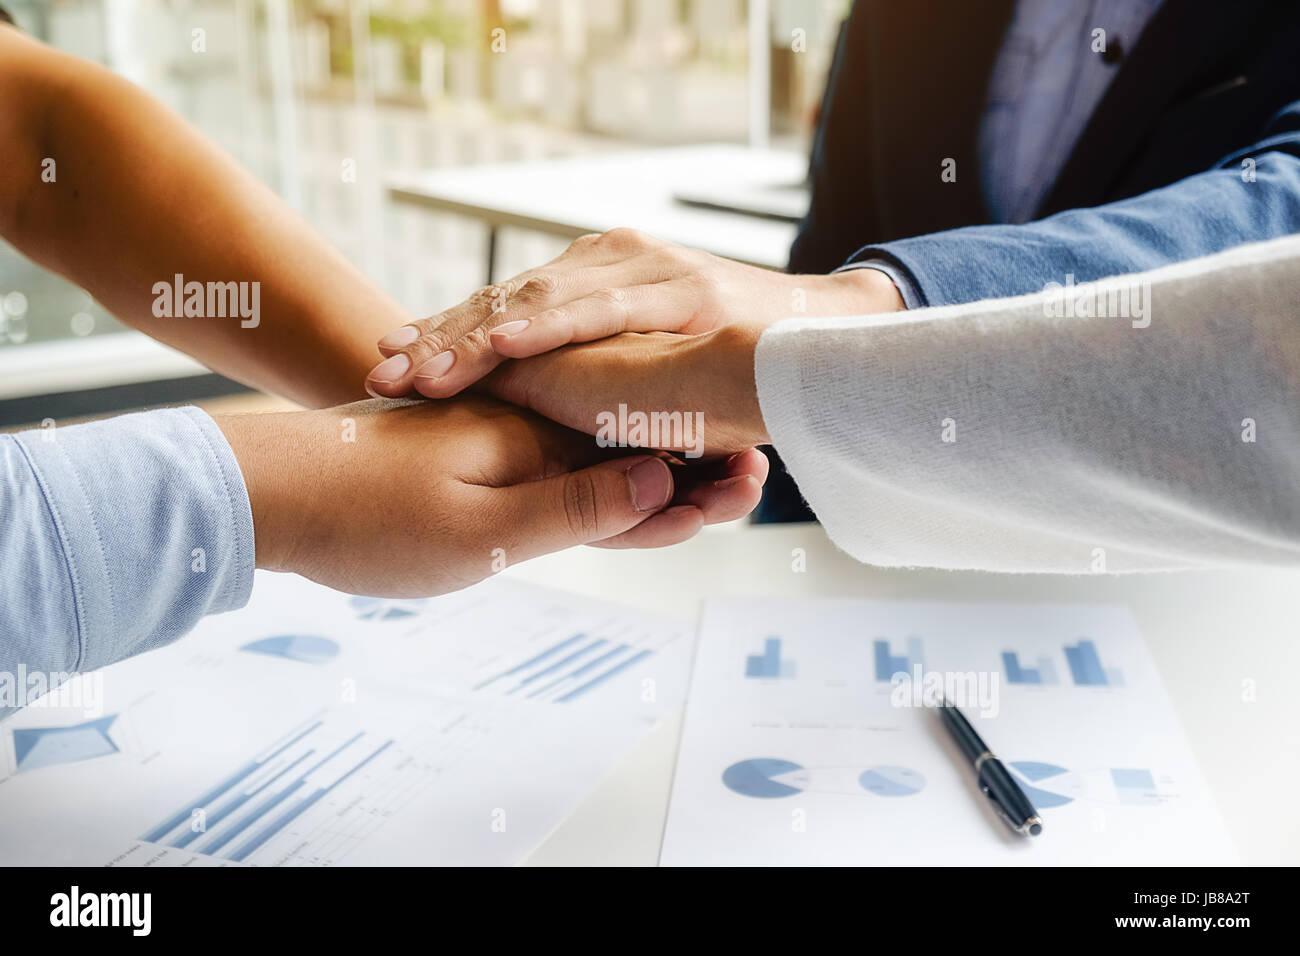 Teamarbeit verbinden Hände Unterstützungskonzept zusammen. Business Team Kollege Brainstorming-Sitzung Konzept Stockfoto